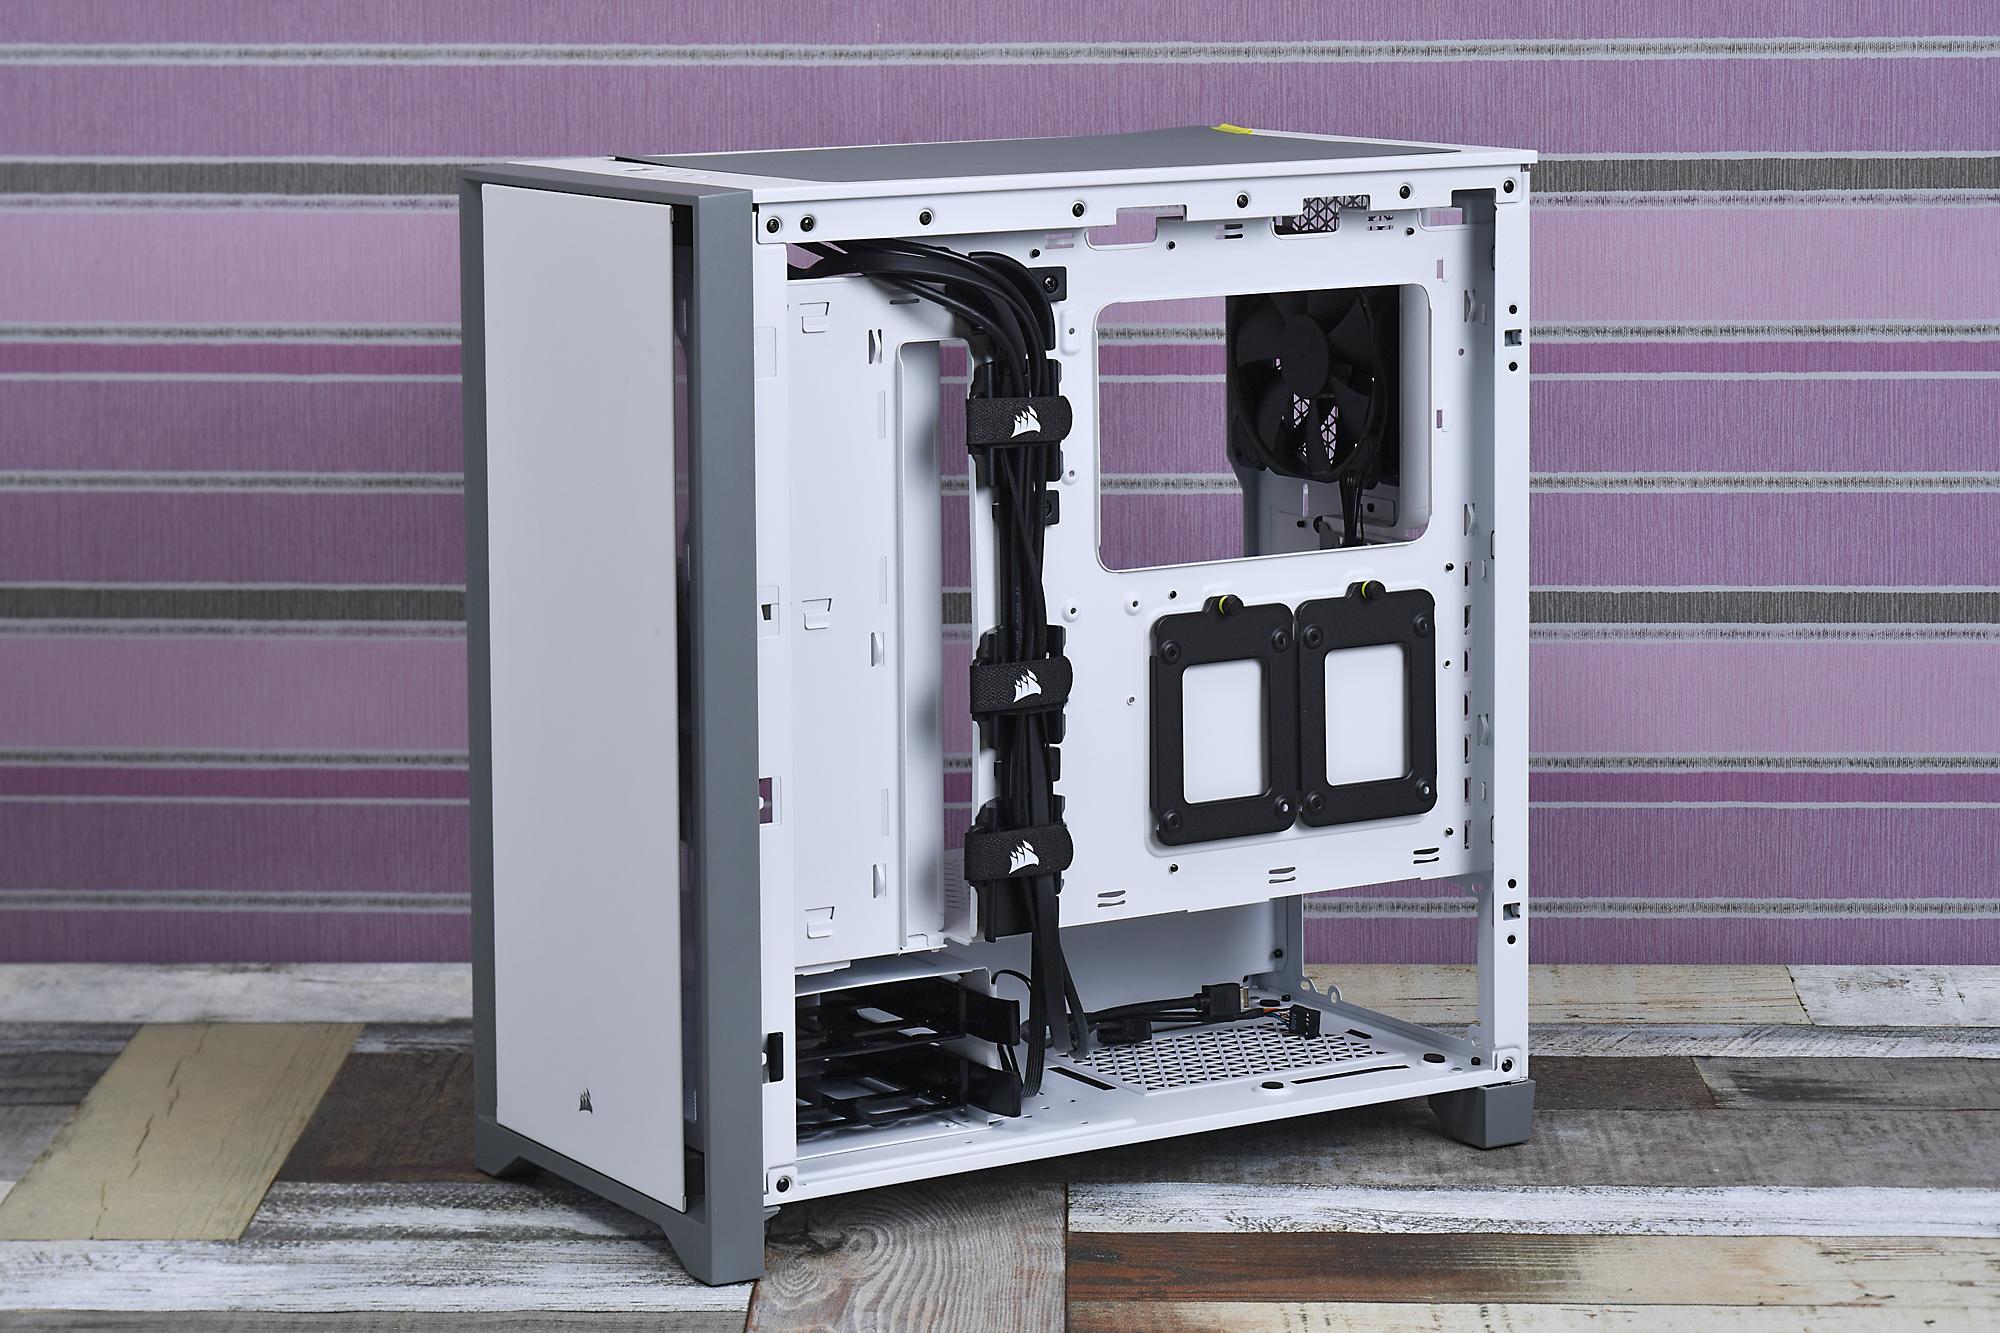 ケース裏面側。厚さ2.5cmほどのスペースが確保されており、太い電源ケーブルなども整理しやすい。